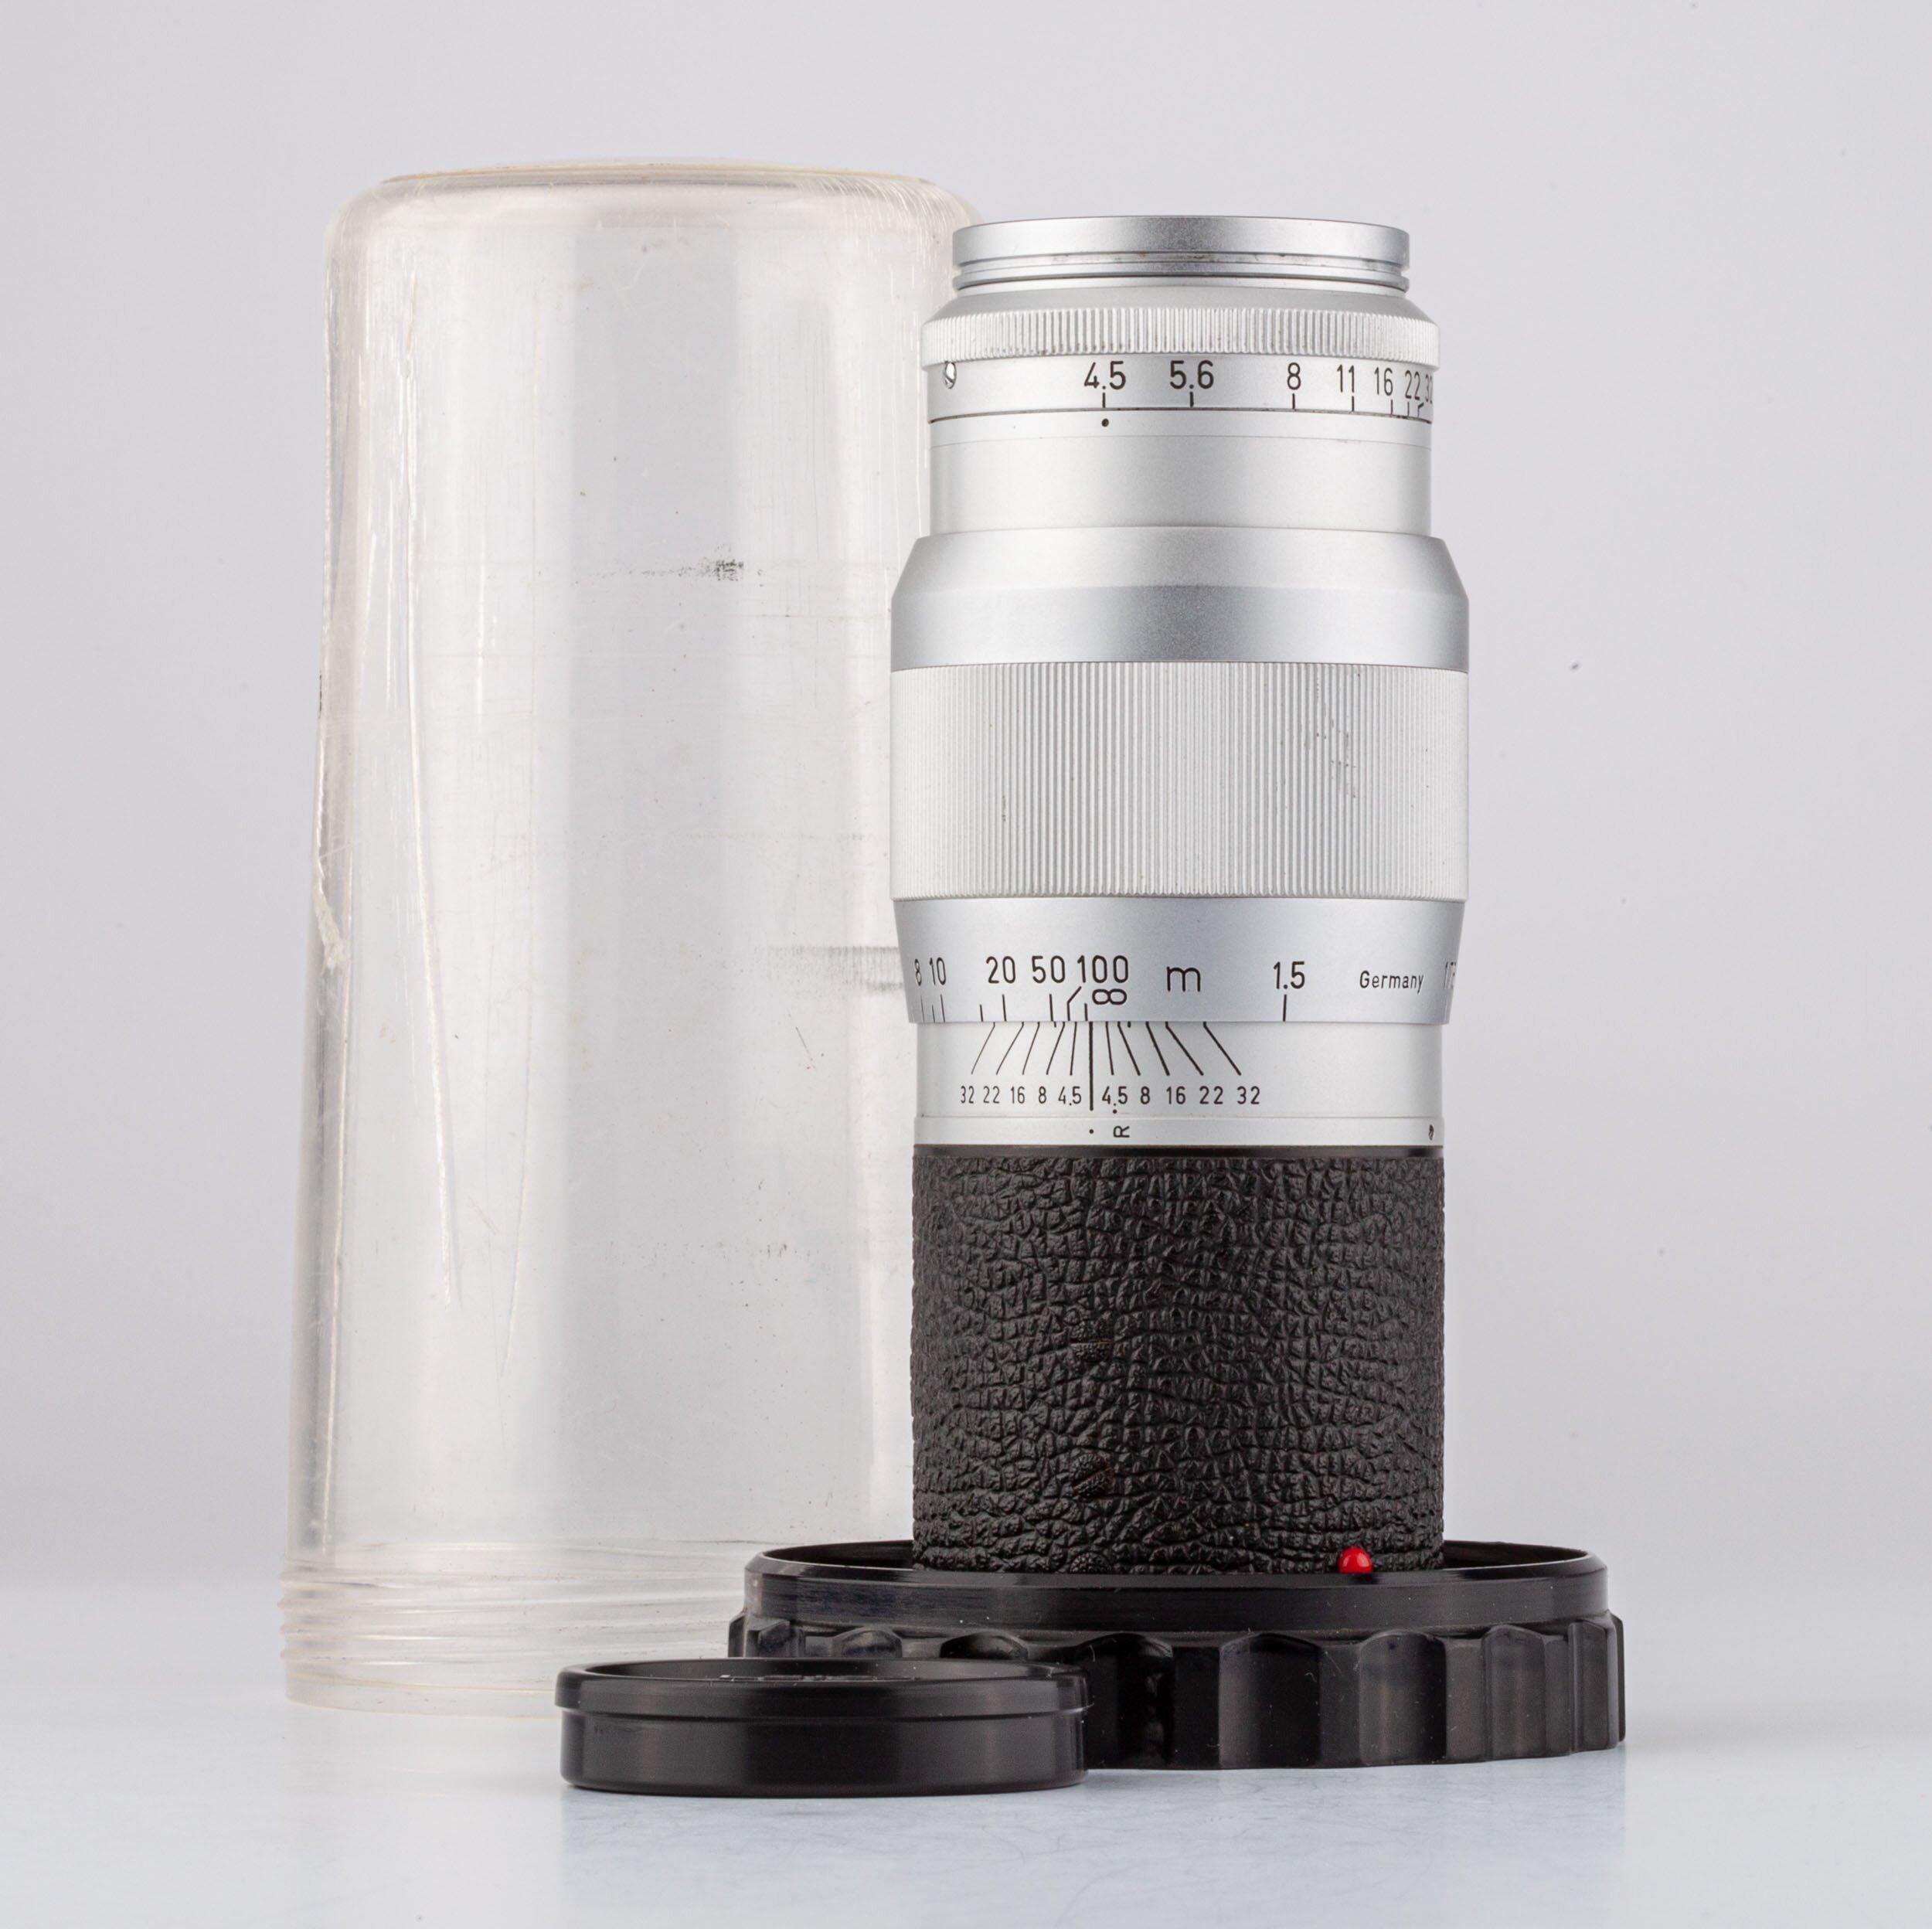 Leica Hektor M 13,5cm F4.5 chrom